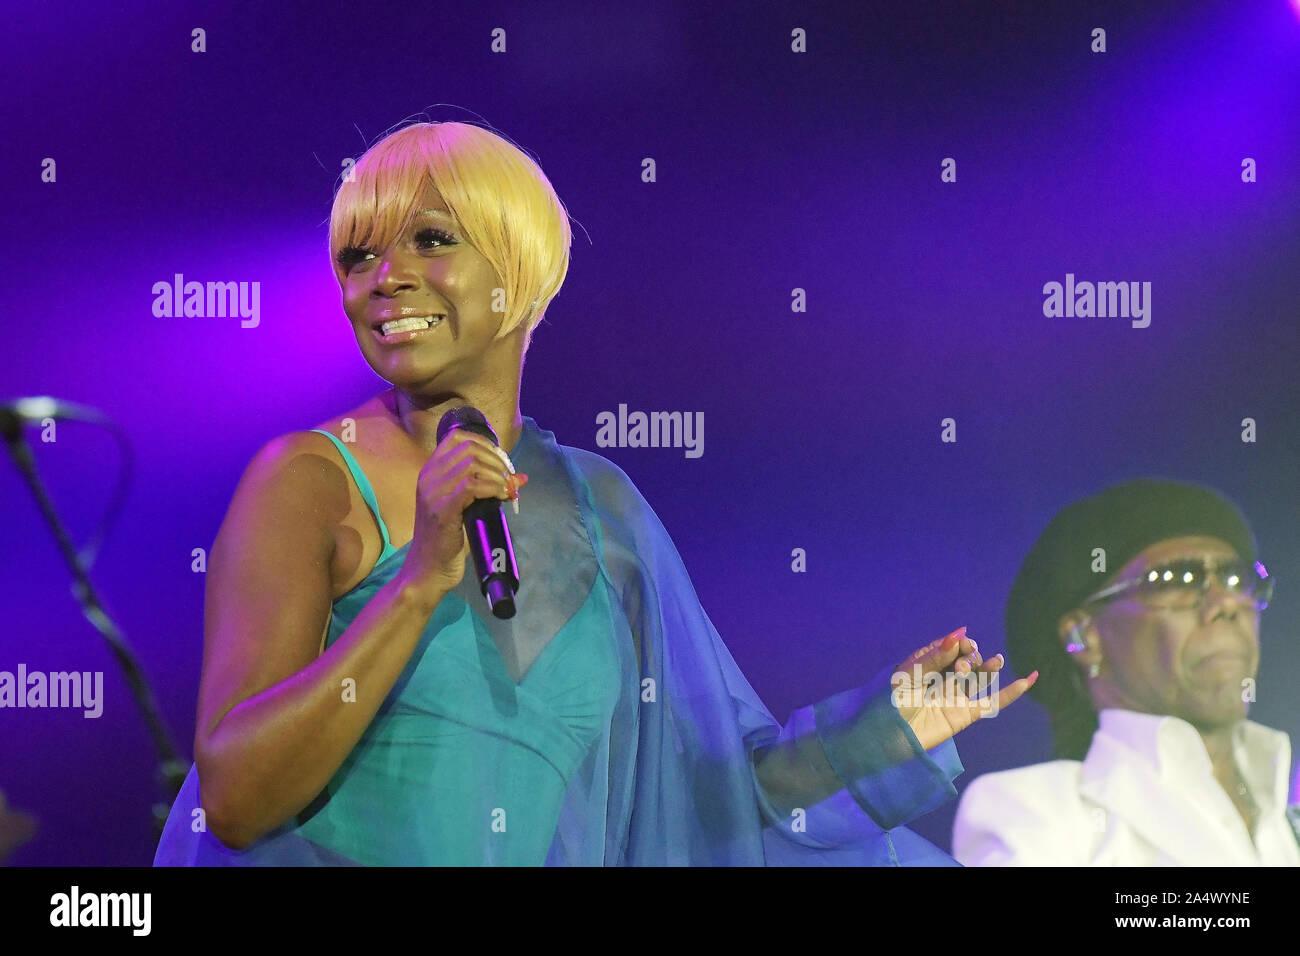 Rio de Janeiro, Brazil, October 3, 2019. Singer Kimberly Davis of Chic band during a show at Rock in Rio 2019 in Rio de Janeiro. Stock Photo